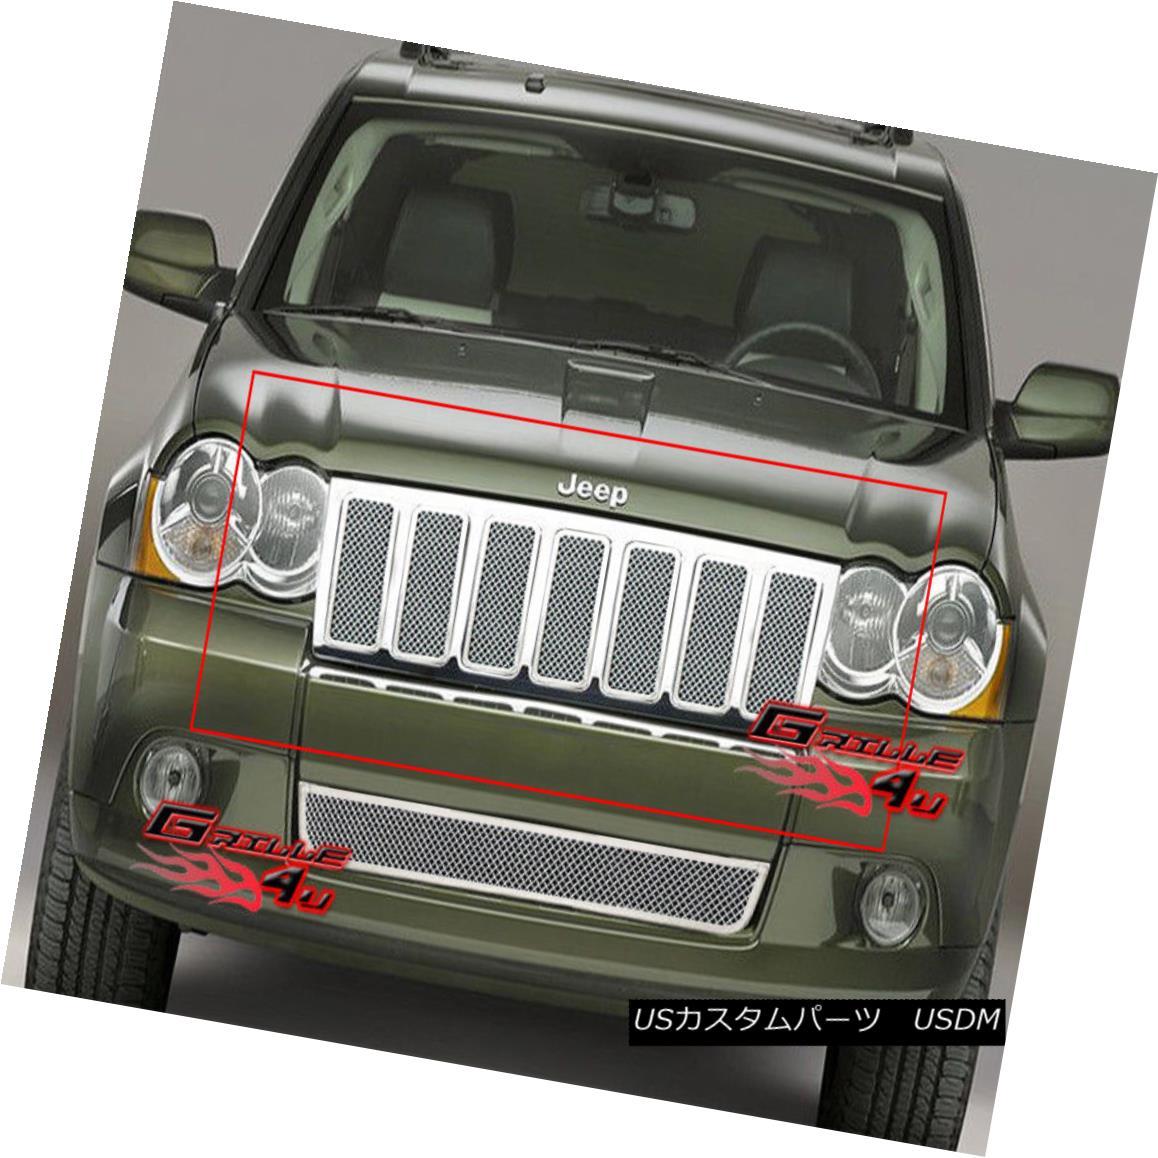 グリル Fits 09-10 Jeep Grand Cherokee Stainless Mesh Grille フィット09-10ジープグランドチェロキーステンレスメッシュグリル